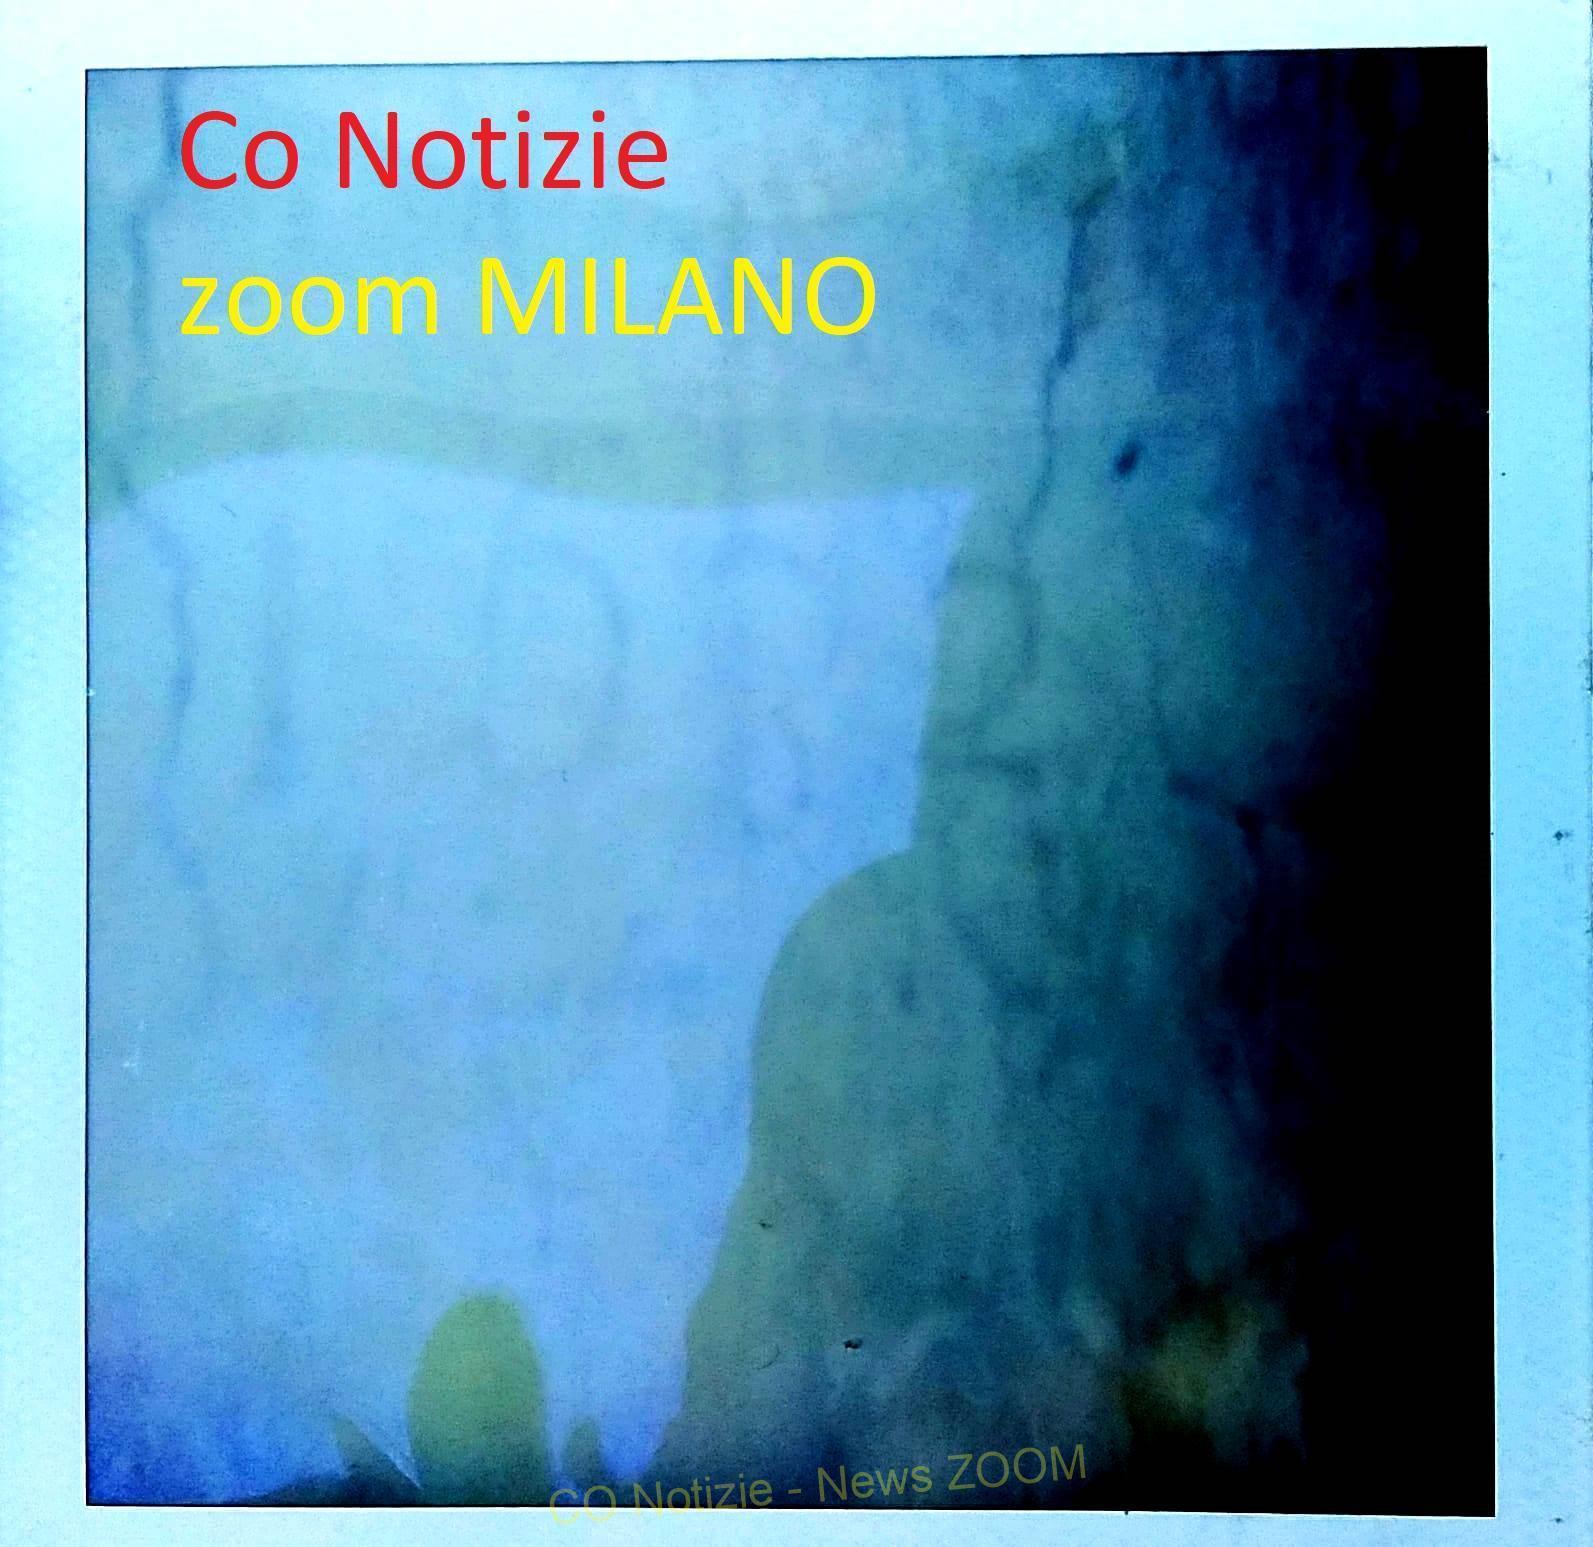 Milano provincia - Compare una scritta 'misteriosa' nella Cascina Fiandrina. Soriano di Corbetta. 09/07/2021